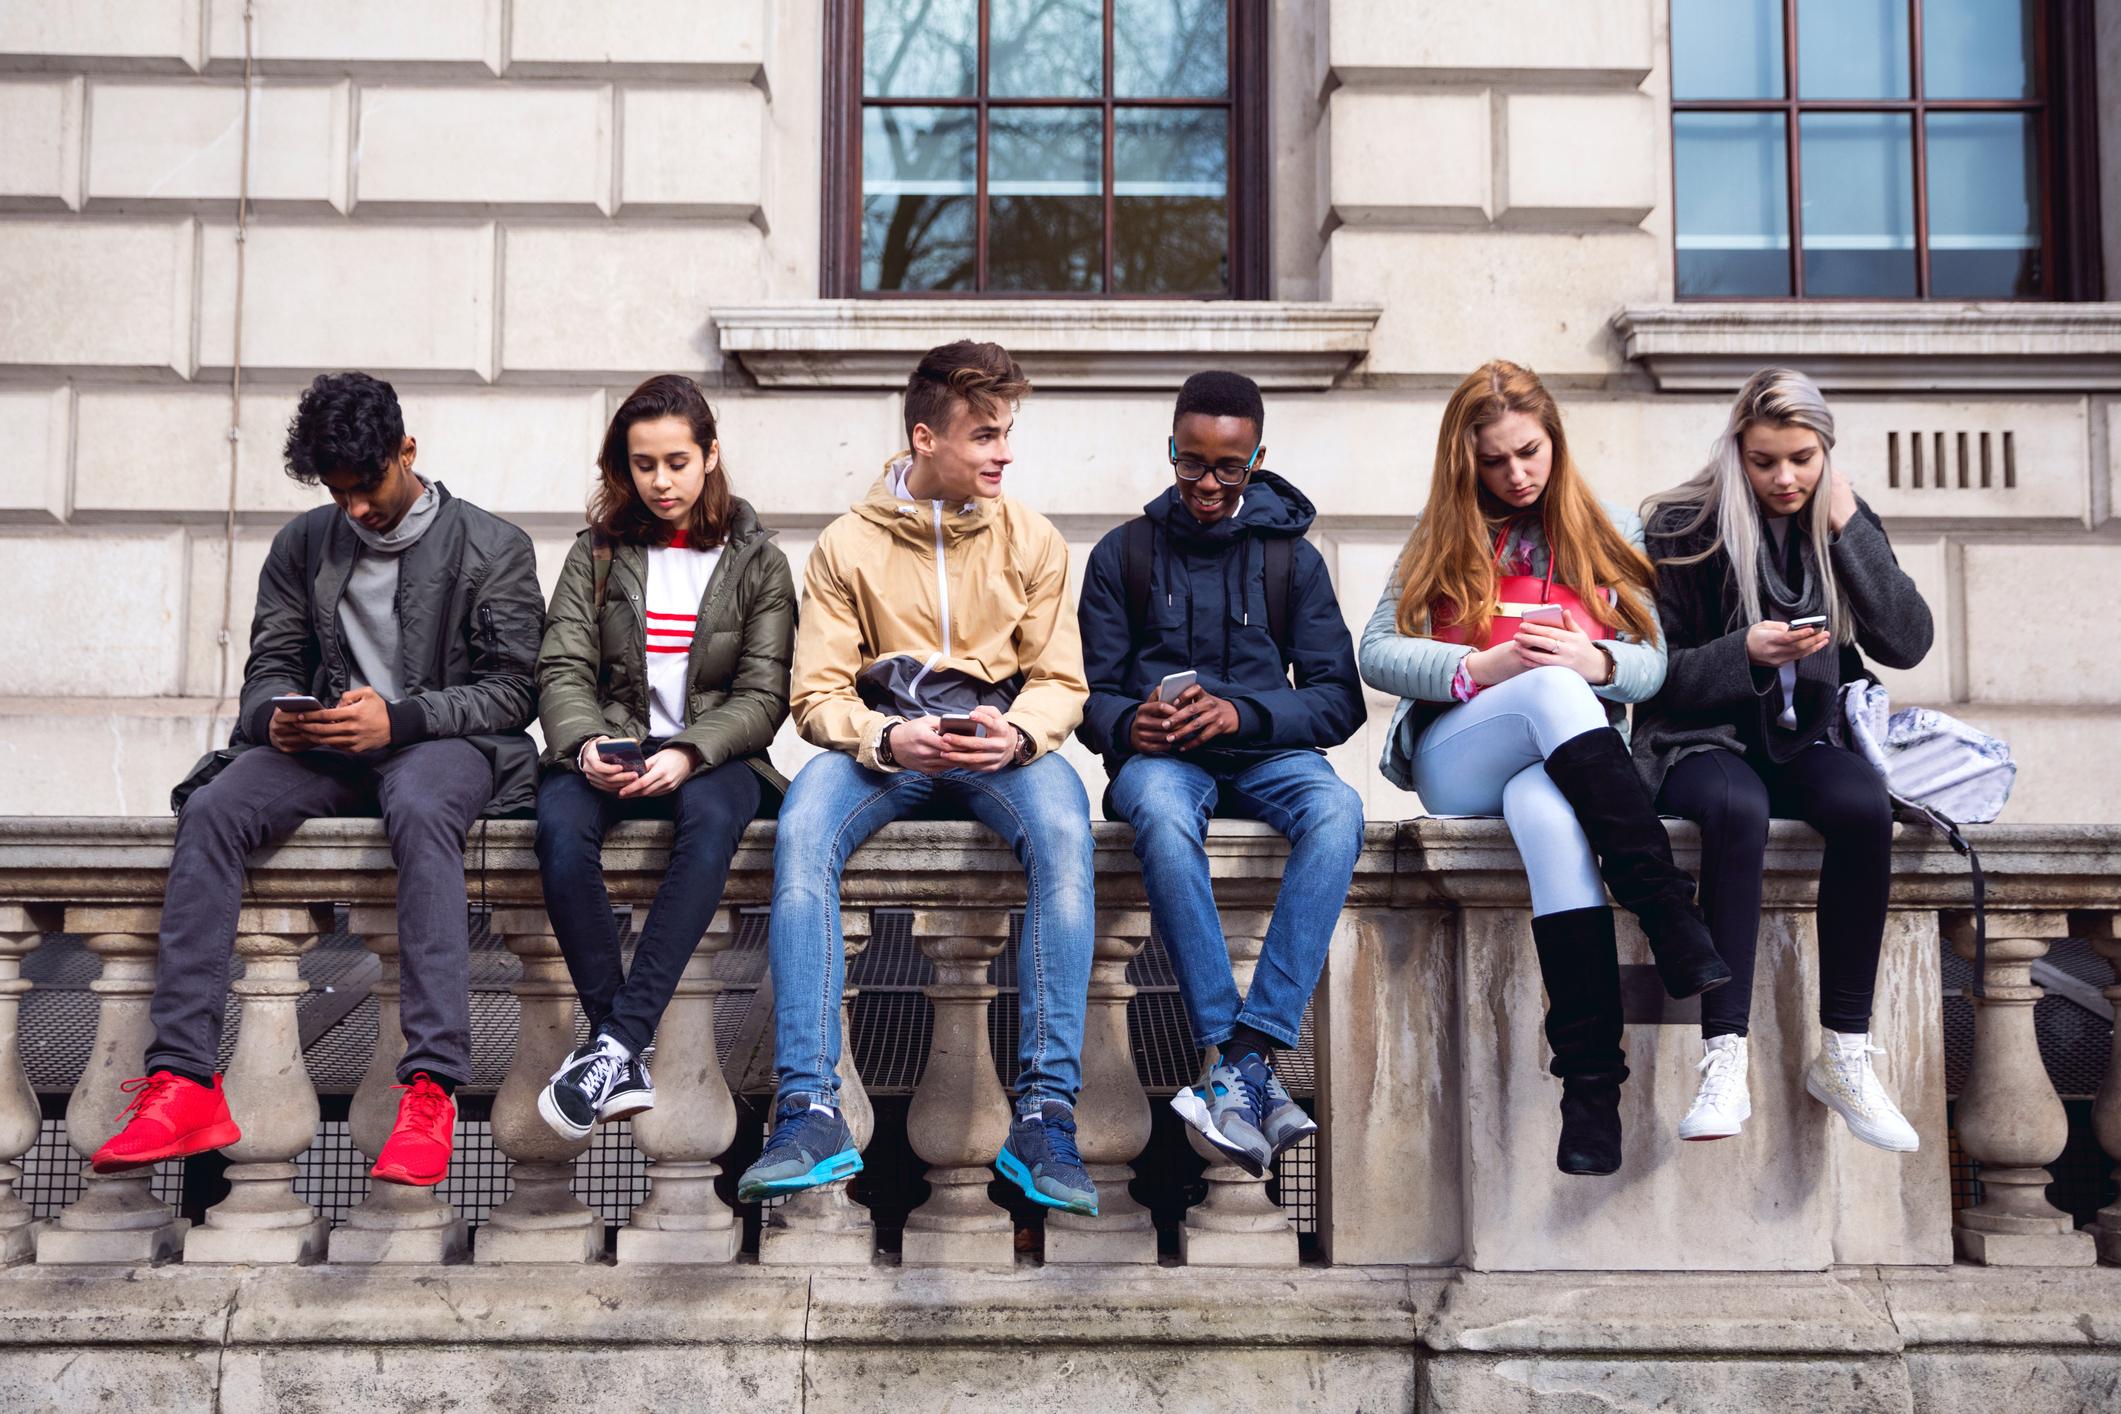 jugendliche-sch-ler-mit-smartphone-auf-eine-schule-pausejpg